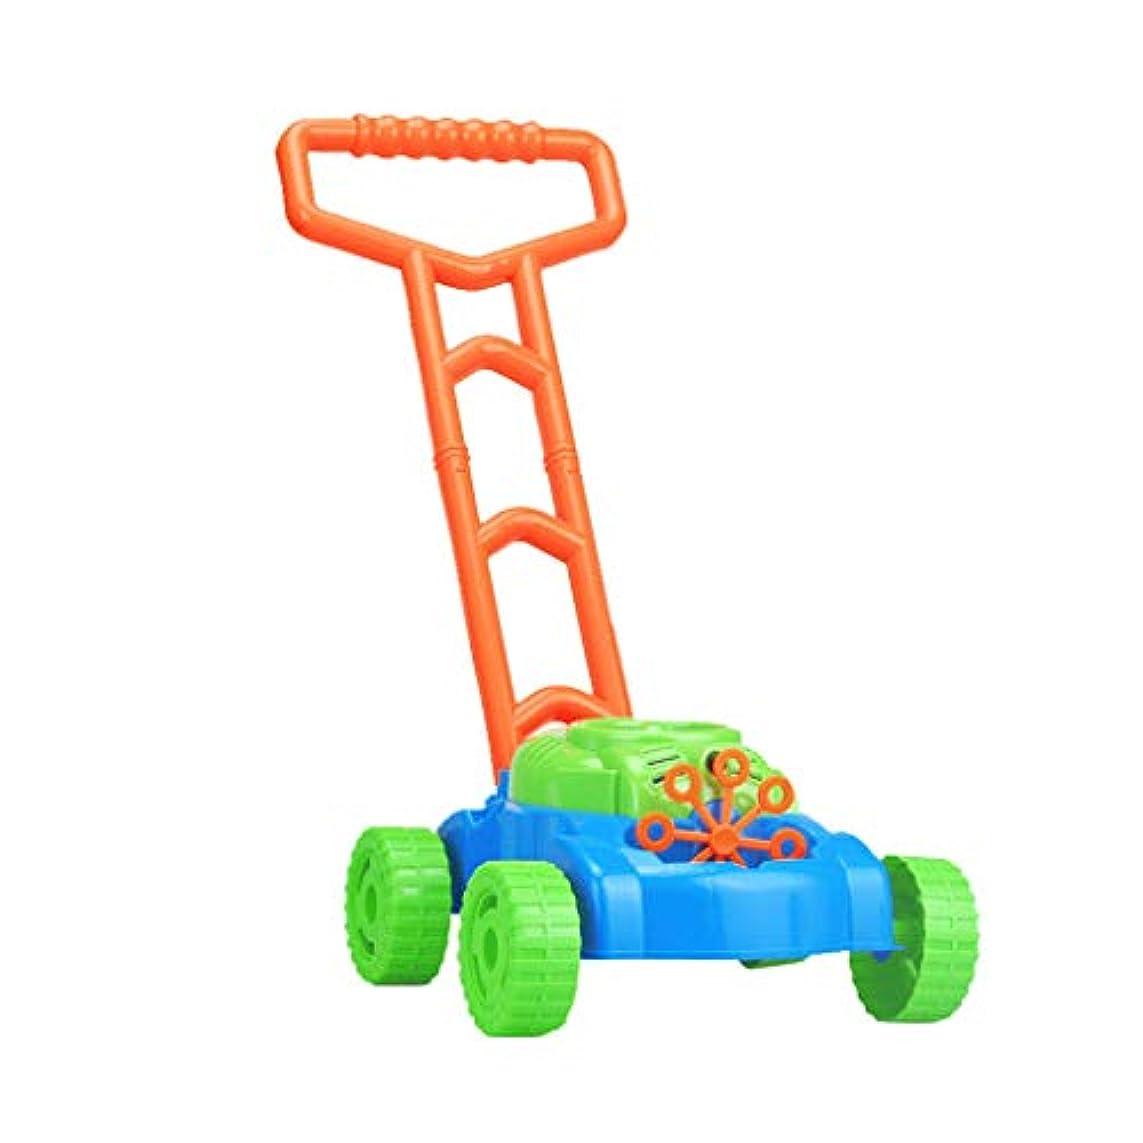 温かい干渉する本GOOD lask 子供のための自動こぼれ防止泡吹く芝刈り機屋外の庭のおもちゃ